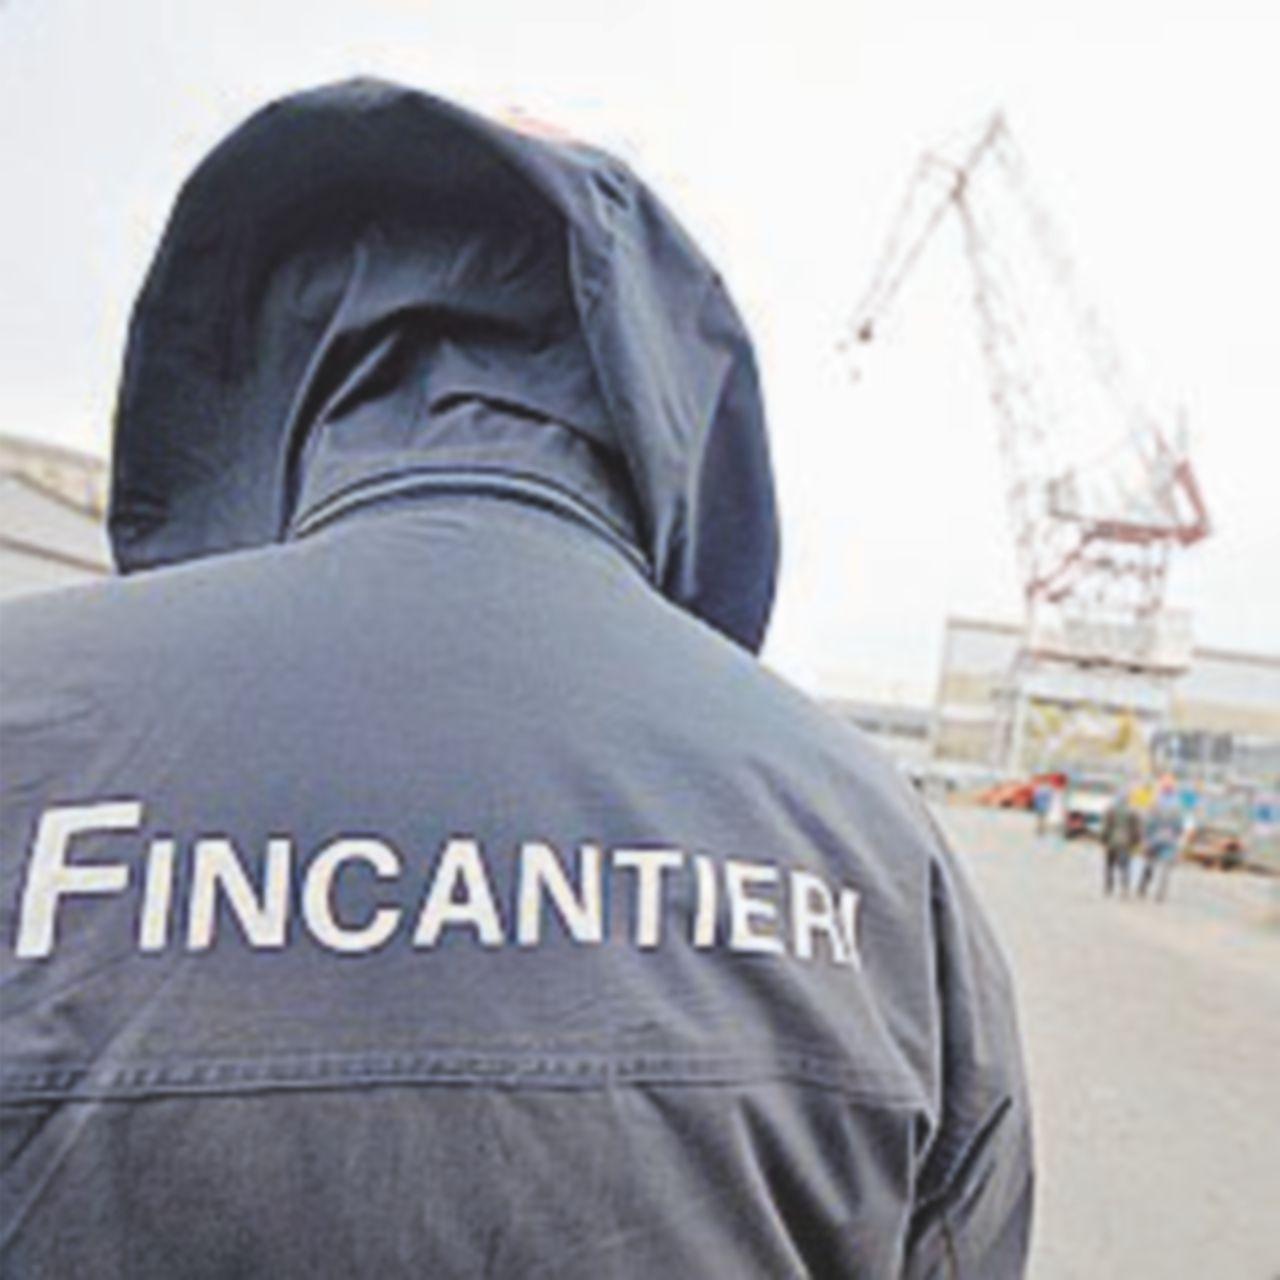 Tra Fincantieri e Leonardo prove di intesa nel settore navale